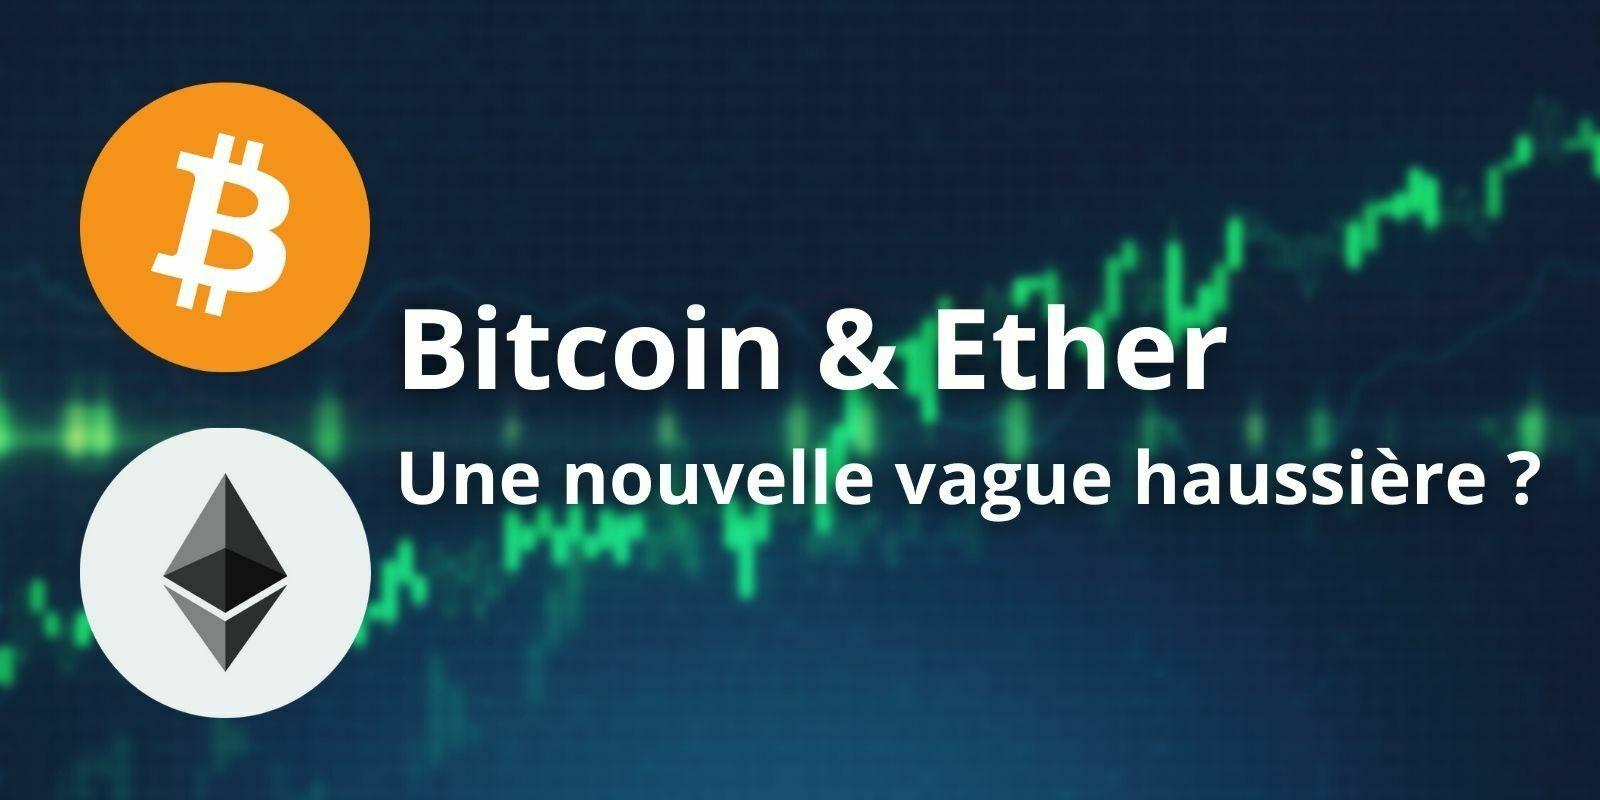 En range, le Bitcoin (BTC) donne l'occasion à l'Ether (ETH) de s'envoler